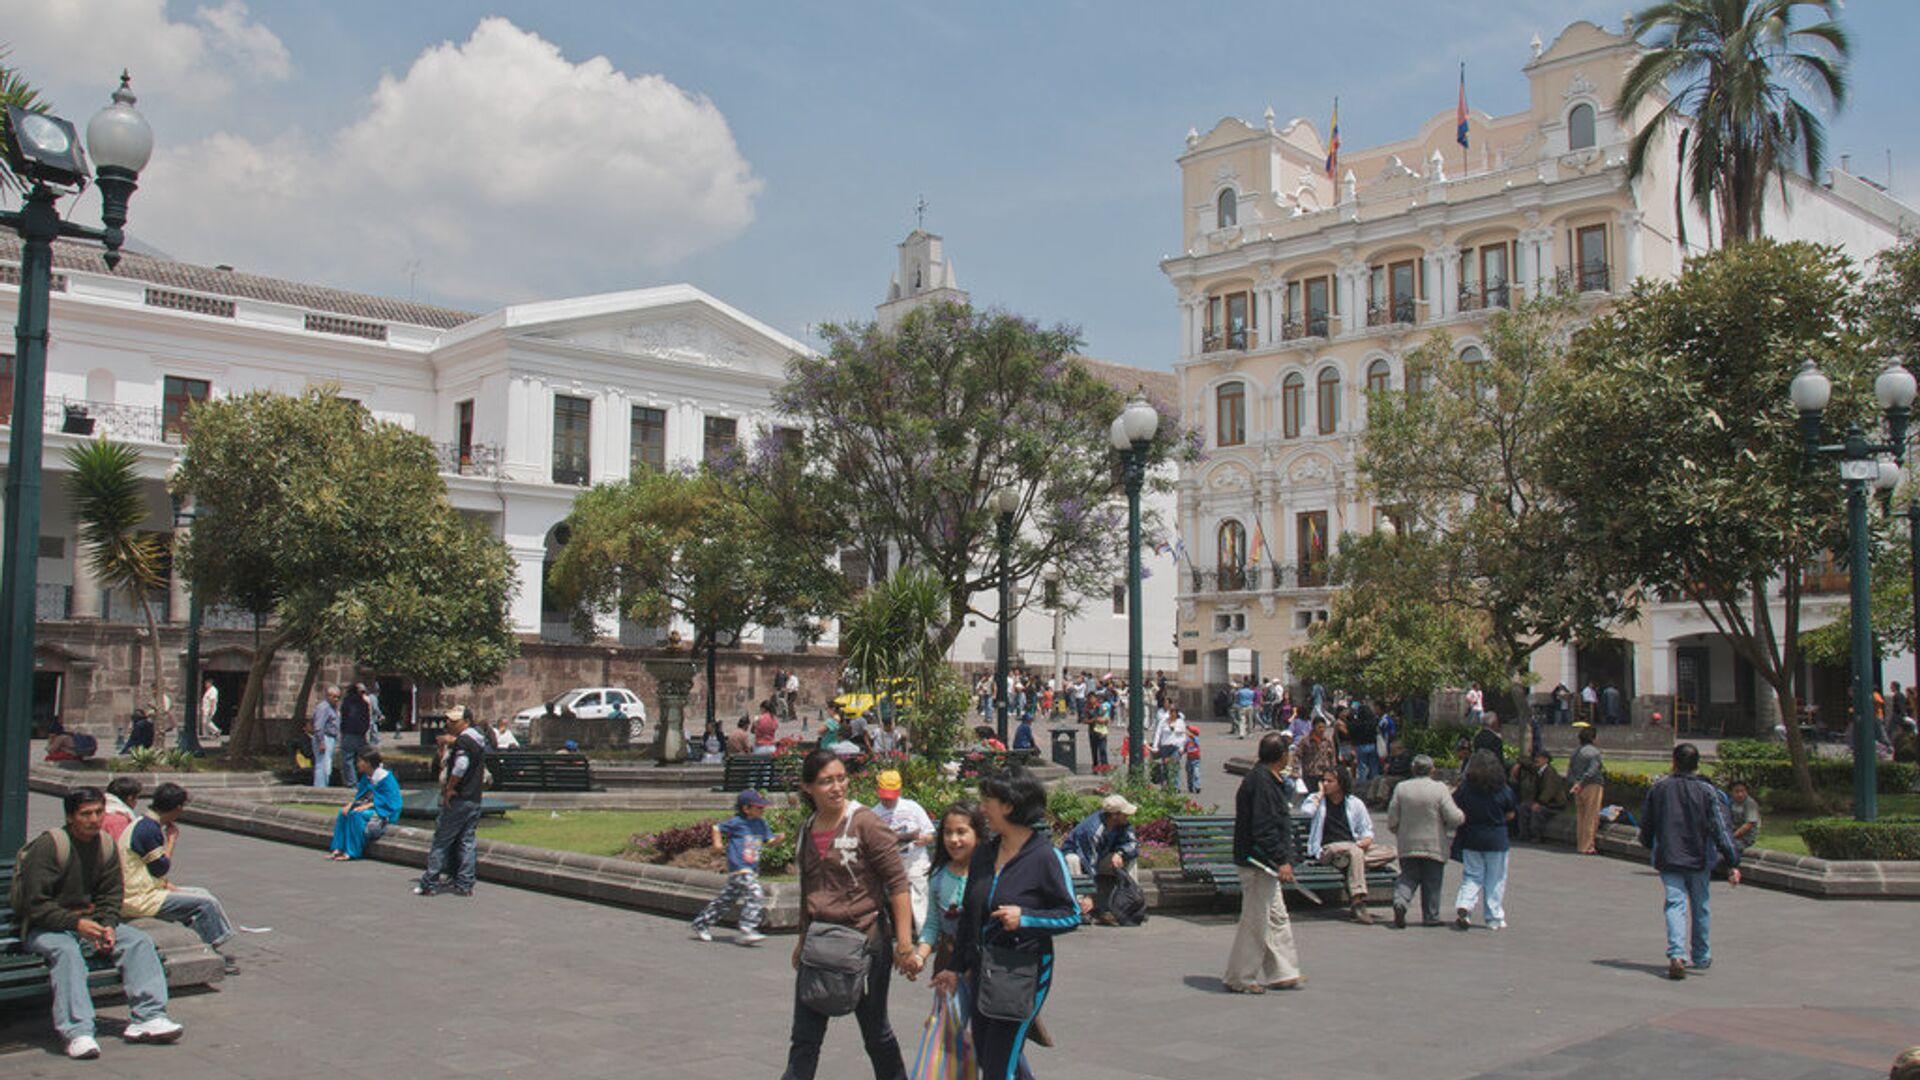 Ciudad de Quito, capital de Ecuador - Sputnik Mundo, 1920, 14.10.2021